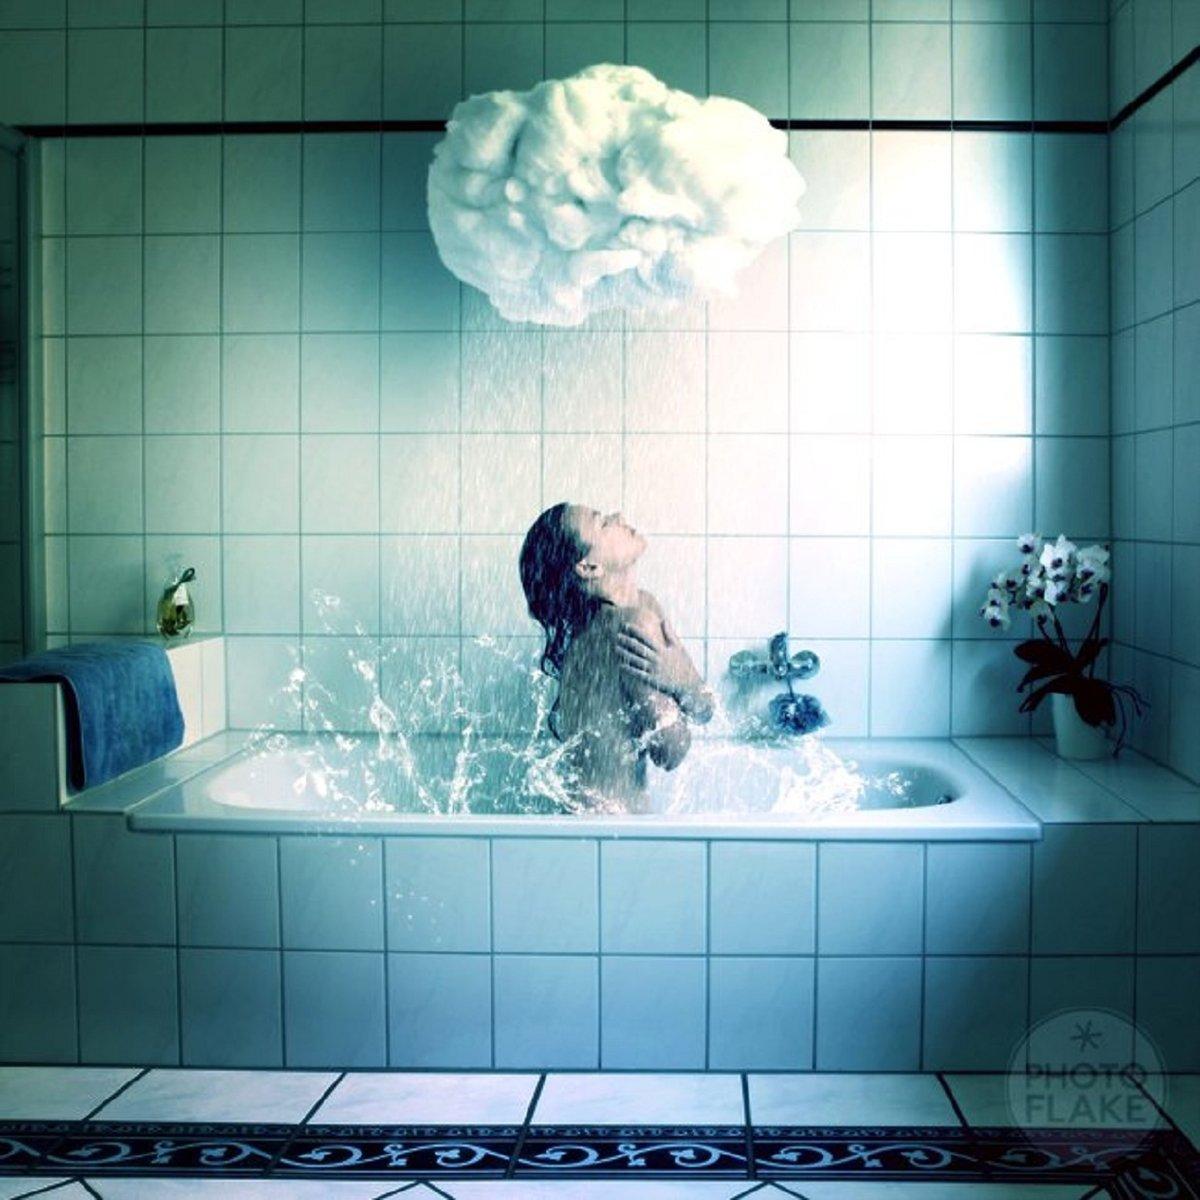 Картинки в ванной, смешная картинка